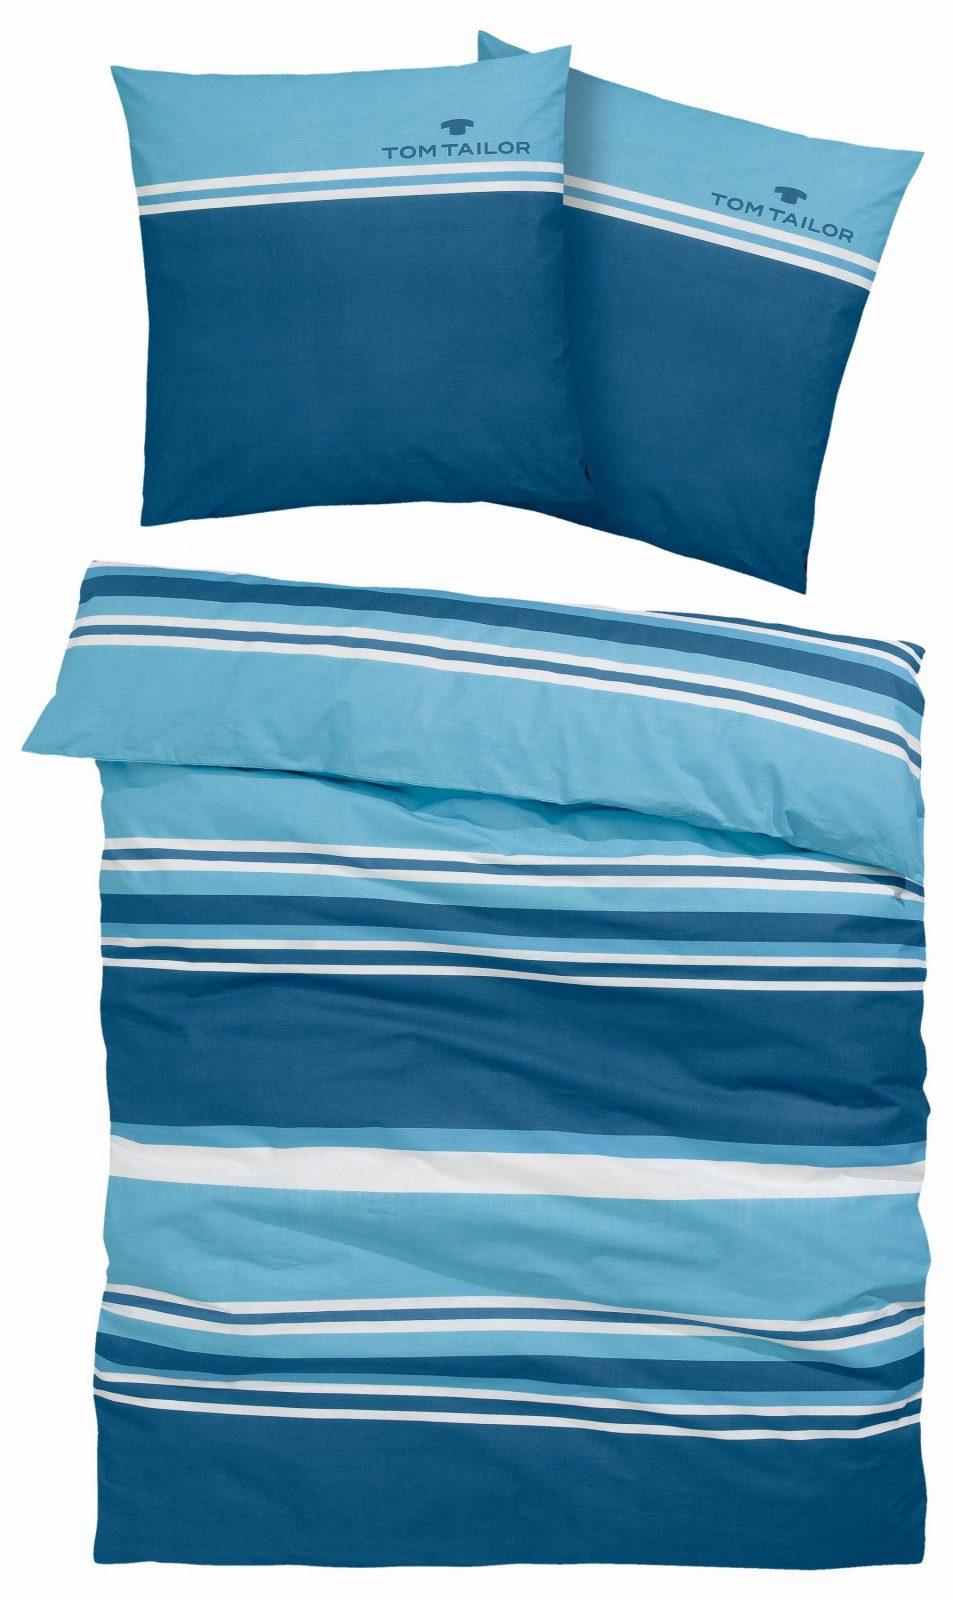 Bettwäsche Jun Tom Tailor Bestellen  Baur von Tom Tailor Bettwäsche 155X220 Photo